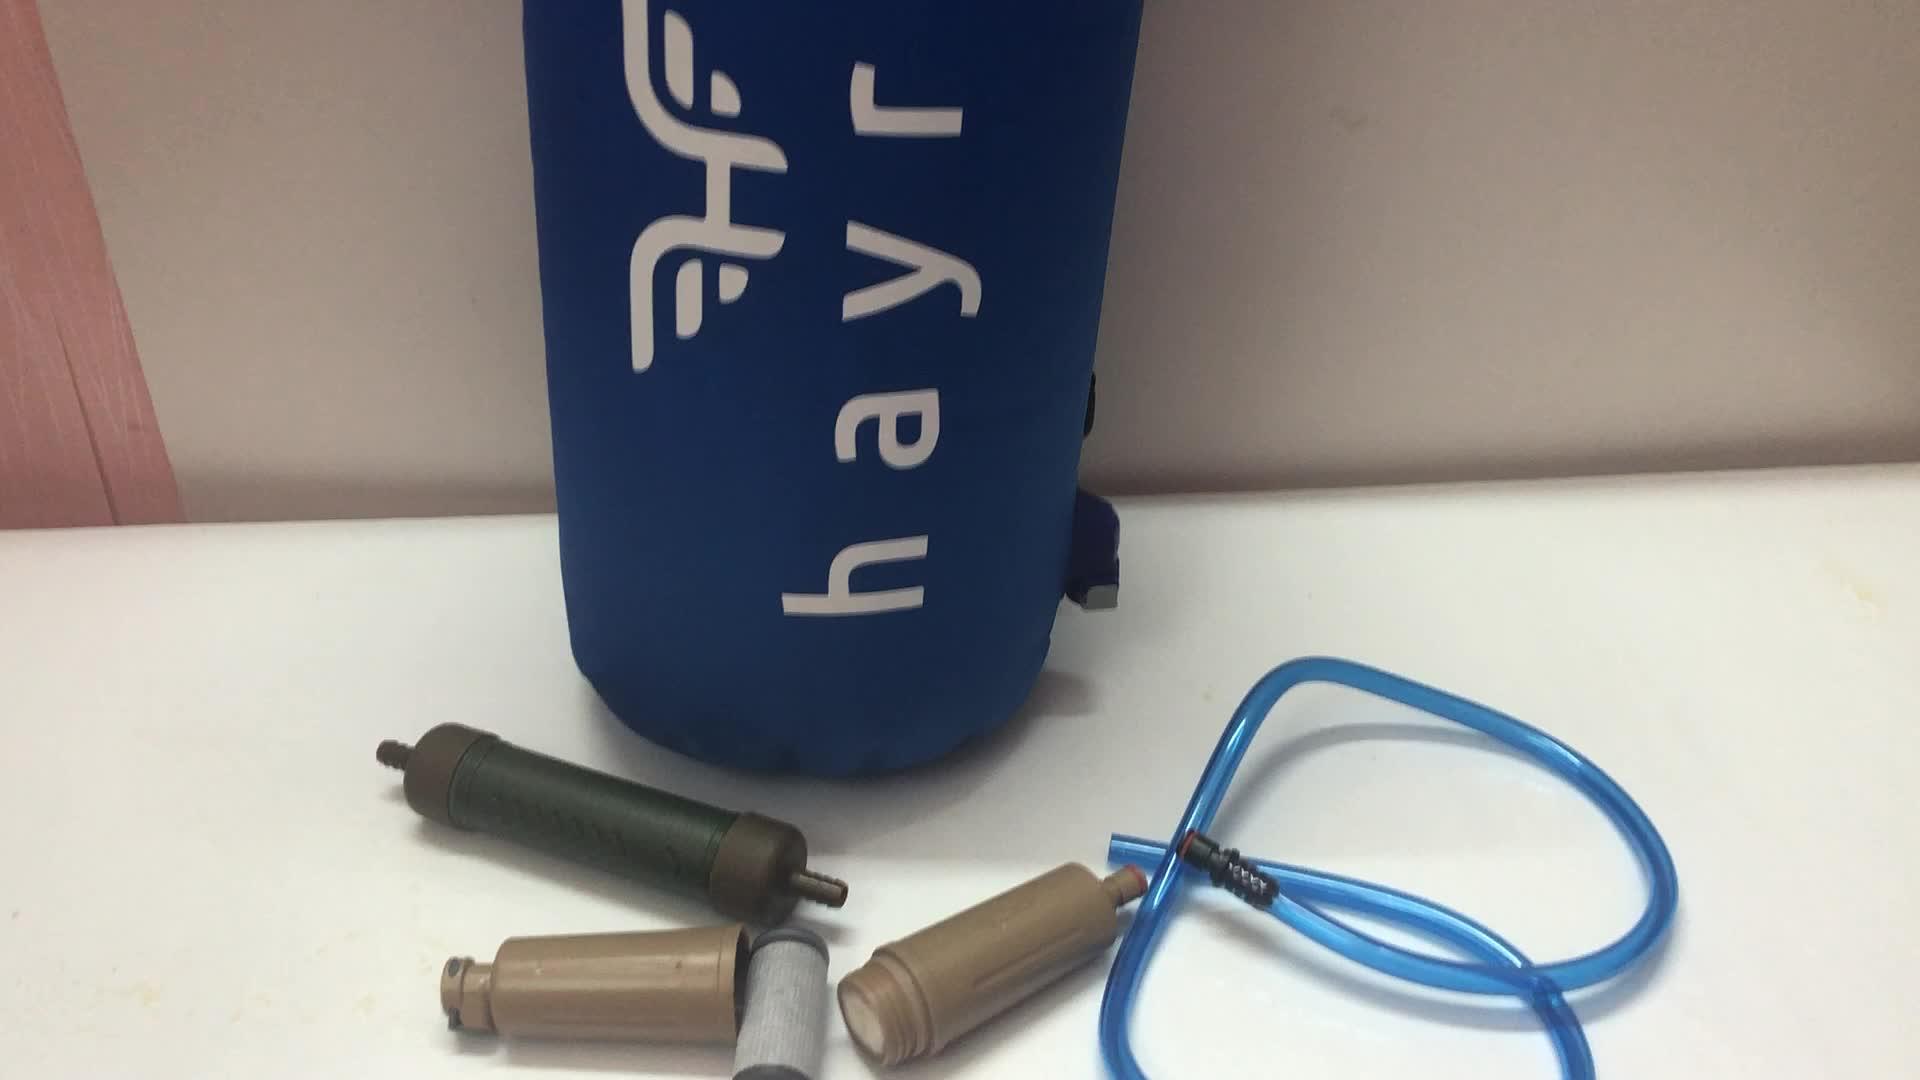 पानी फिल्टर बैग शिविर शावर पानी छानने का काम के लिए TPU सैन्य पोर्टेबल सूखी बैग आउटडोर अस्तित्व डेरा डाले हुए